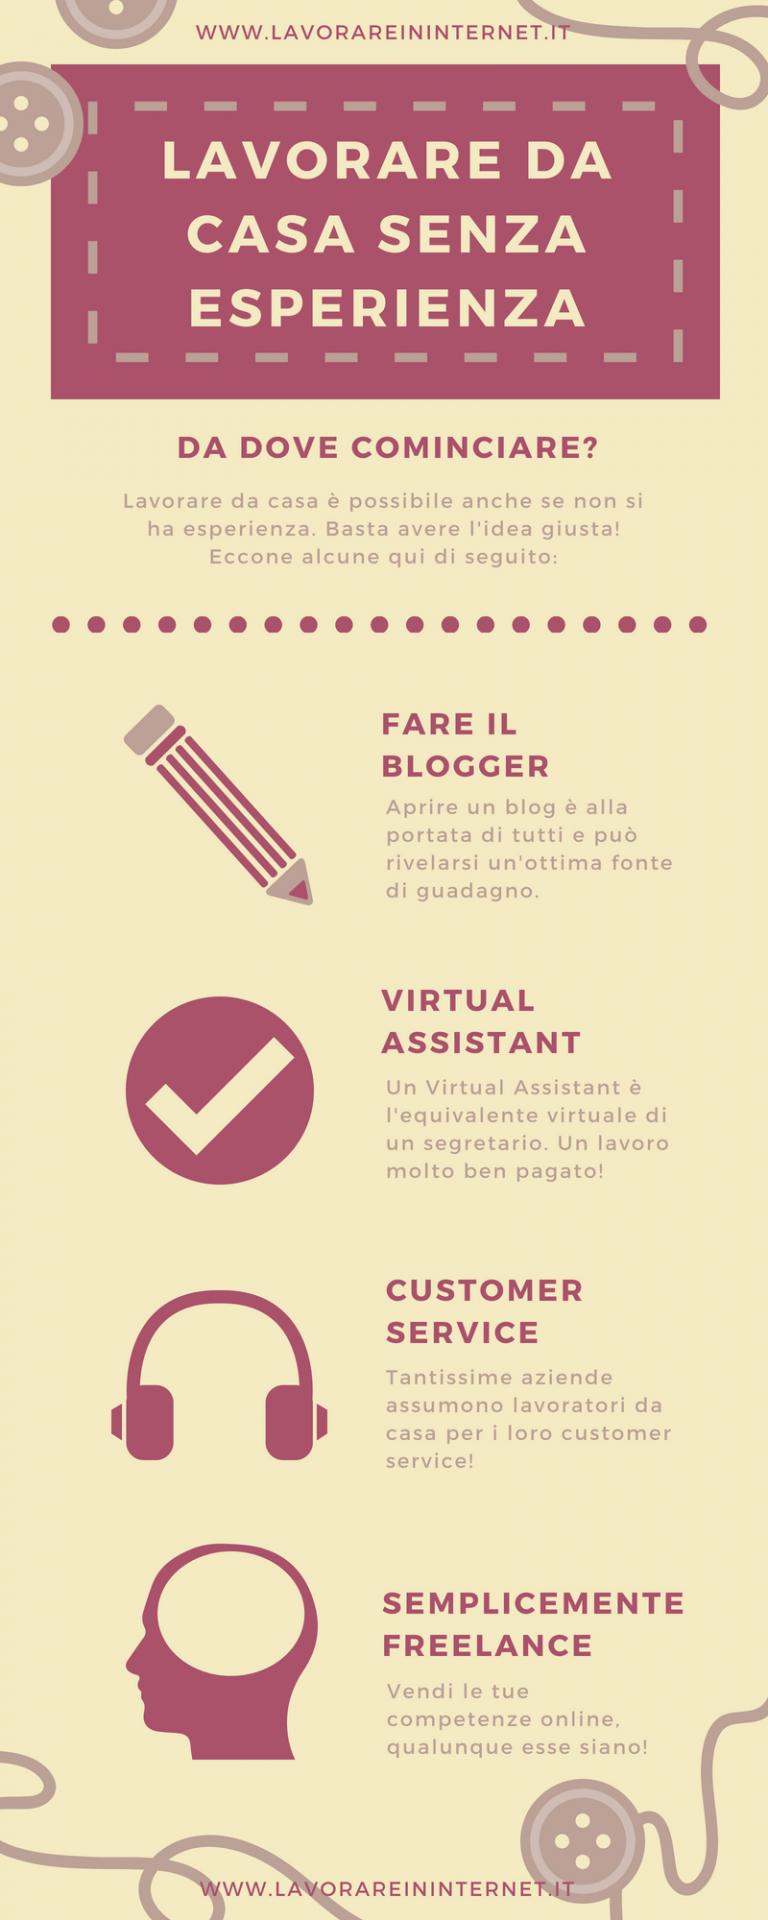 Offerte di lavoro per Lavoro Da Casa,online Senza Esperienza